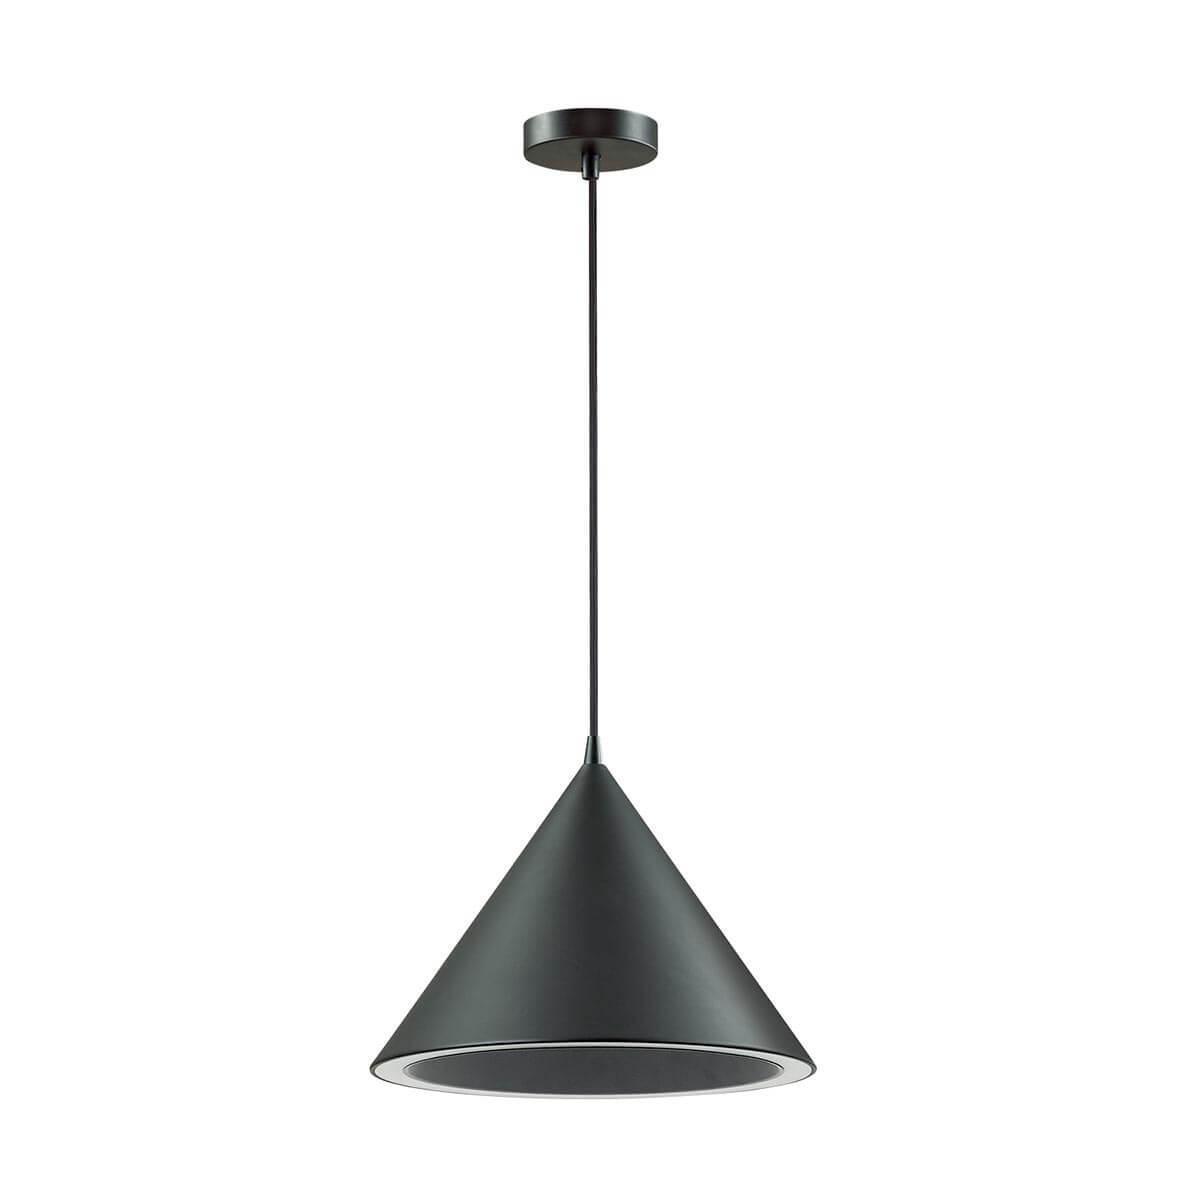 Подвесной светильник Lumion 3724/24L, LED, 24 Вт